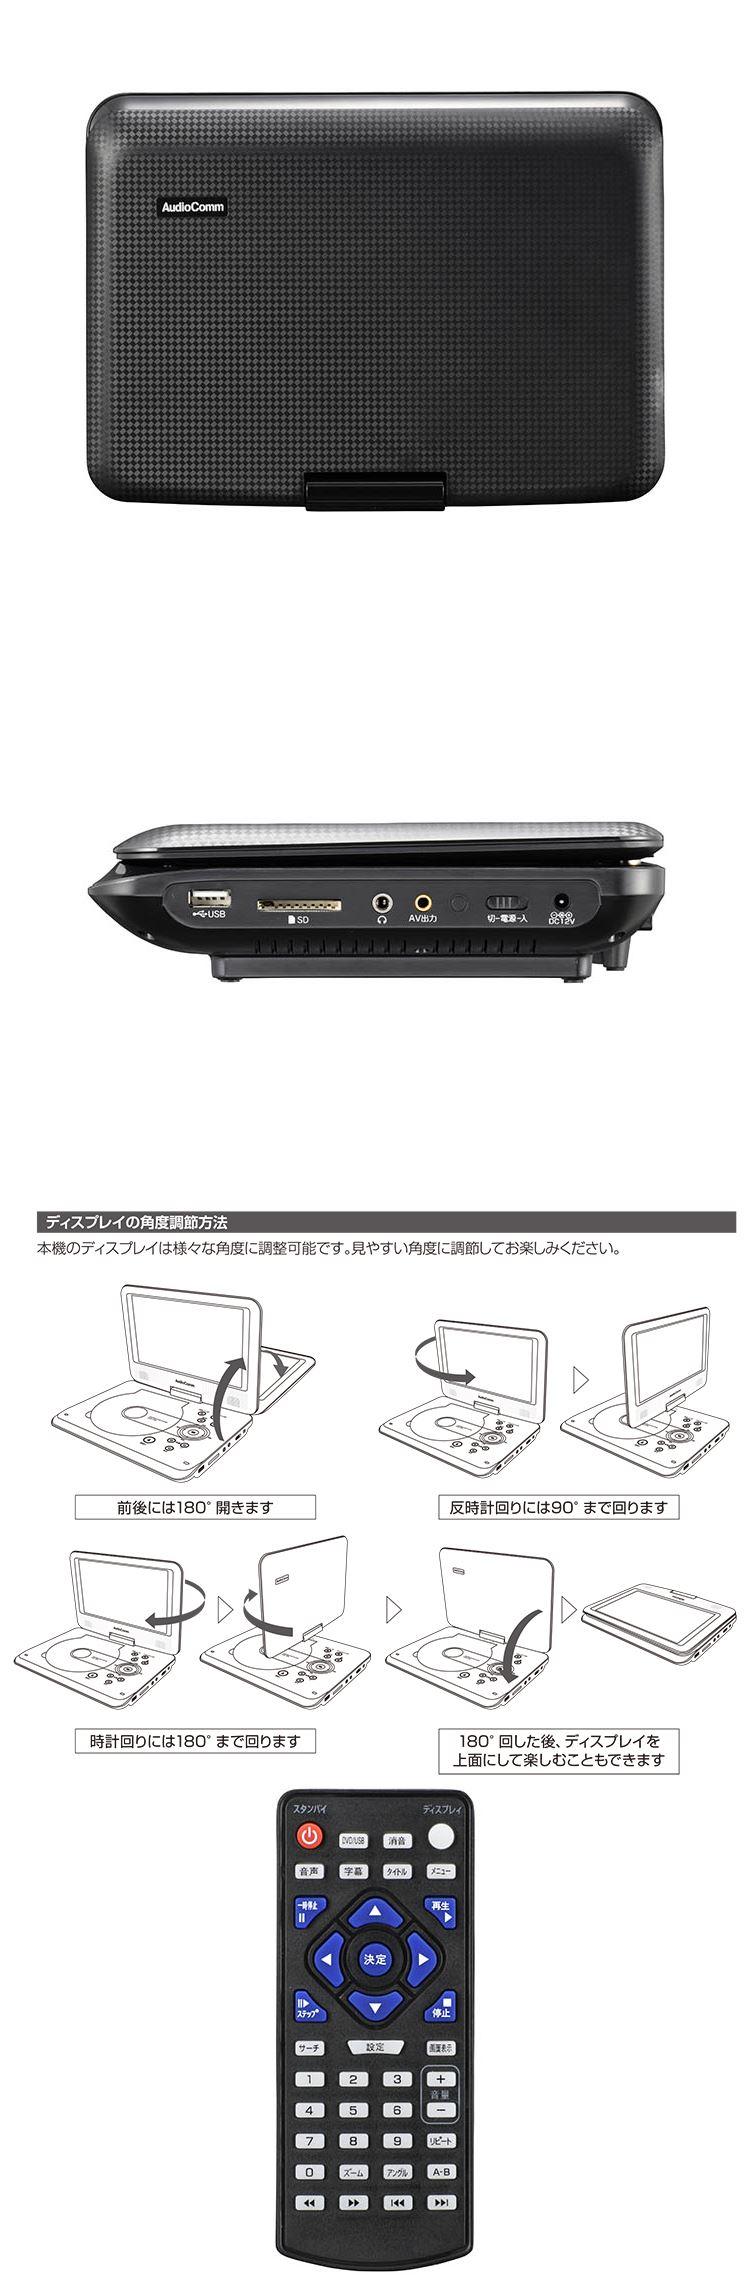 オーム電機 ポータブルDVDプレーヤー(9インチ) DVDP-373Z